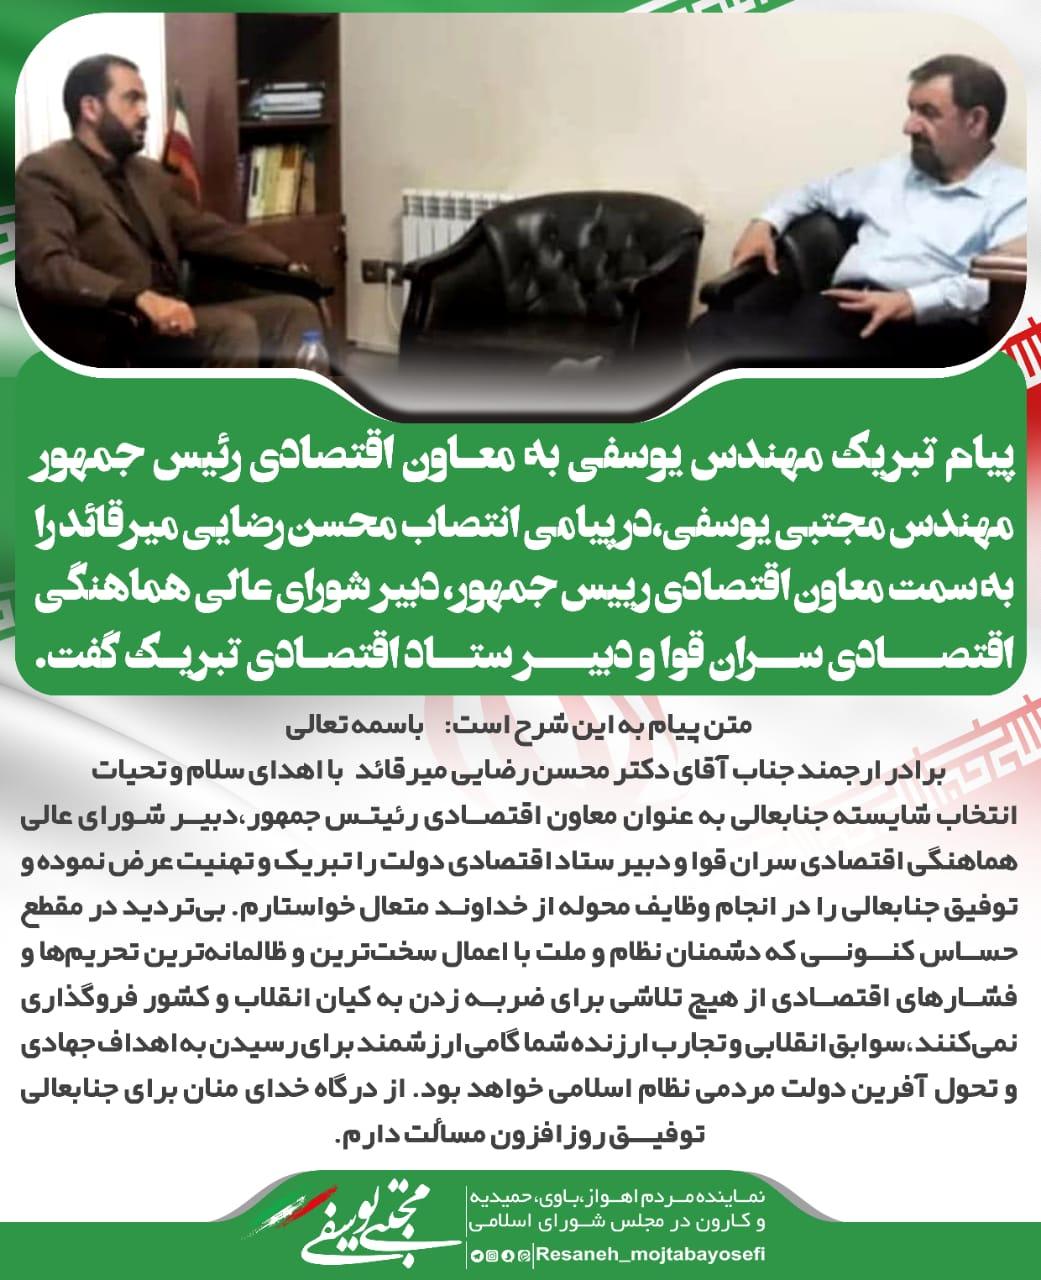 تبریک نماینده اهواز به دکتر رضایی | نفت آنلاین